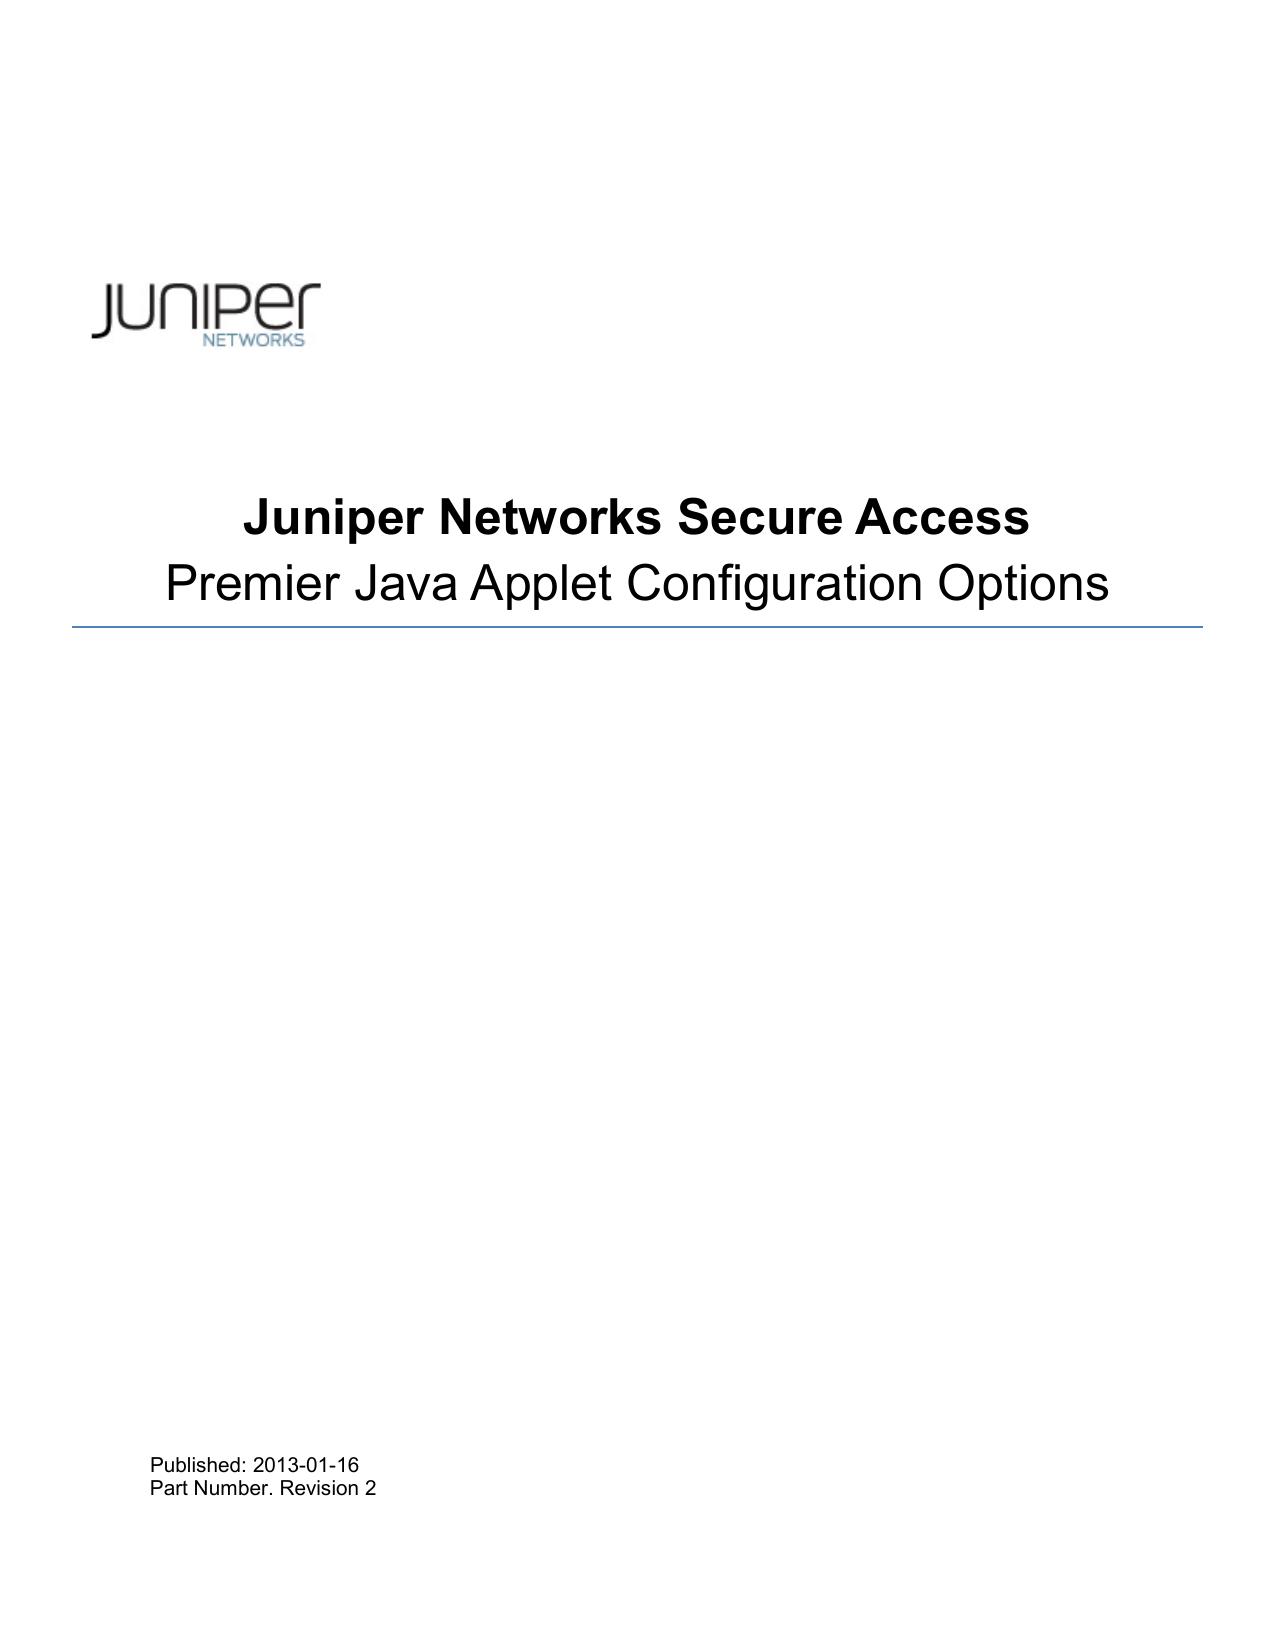 Premier Java Applet Configuration Options | manualzz com